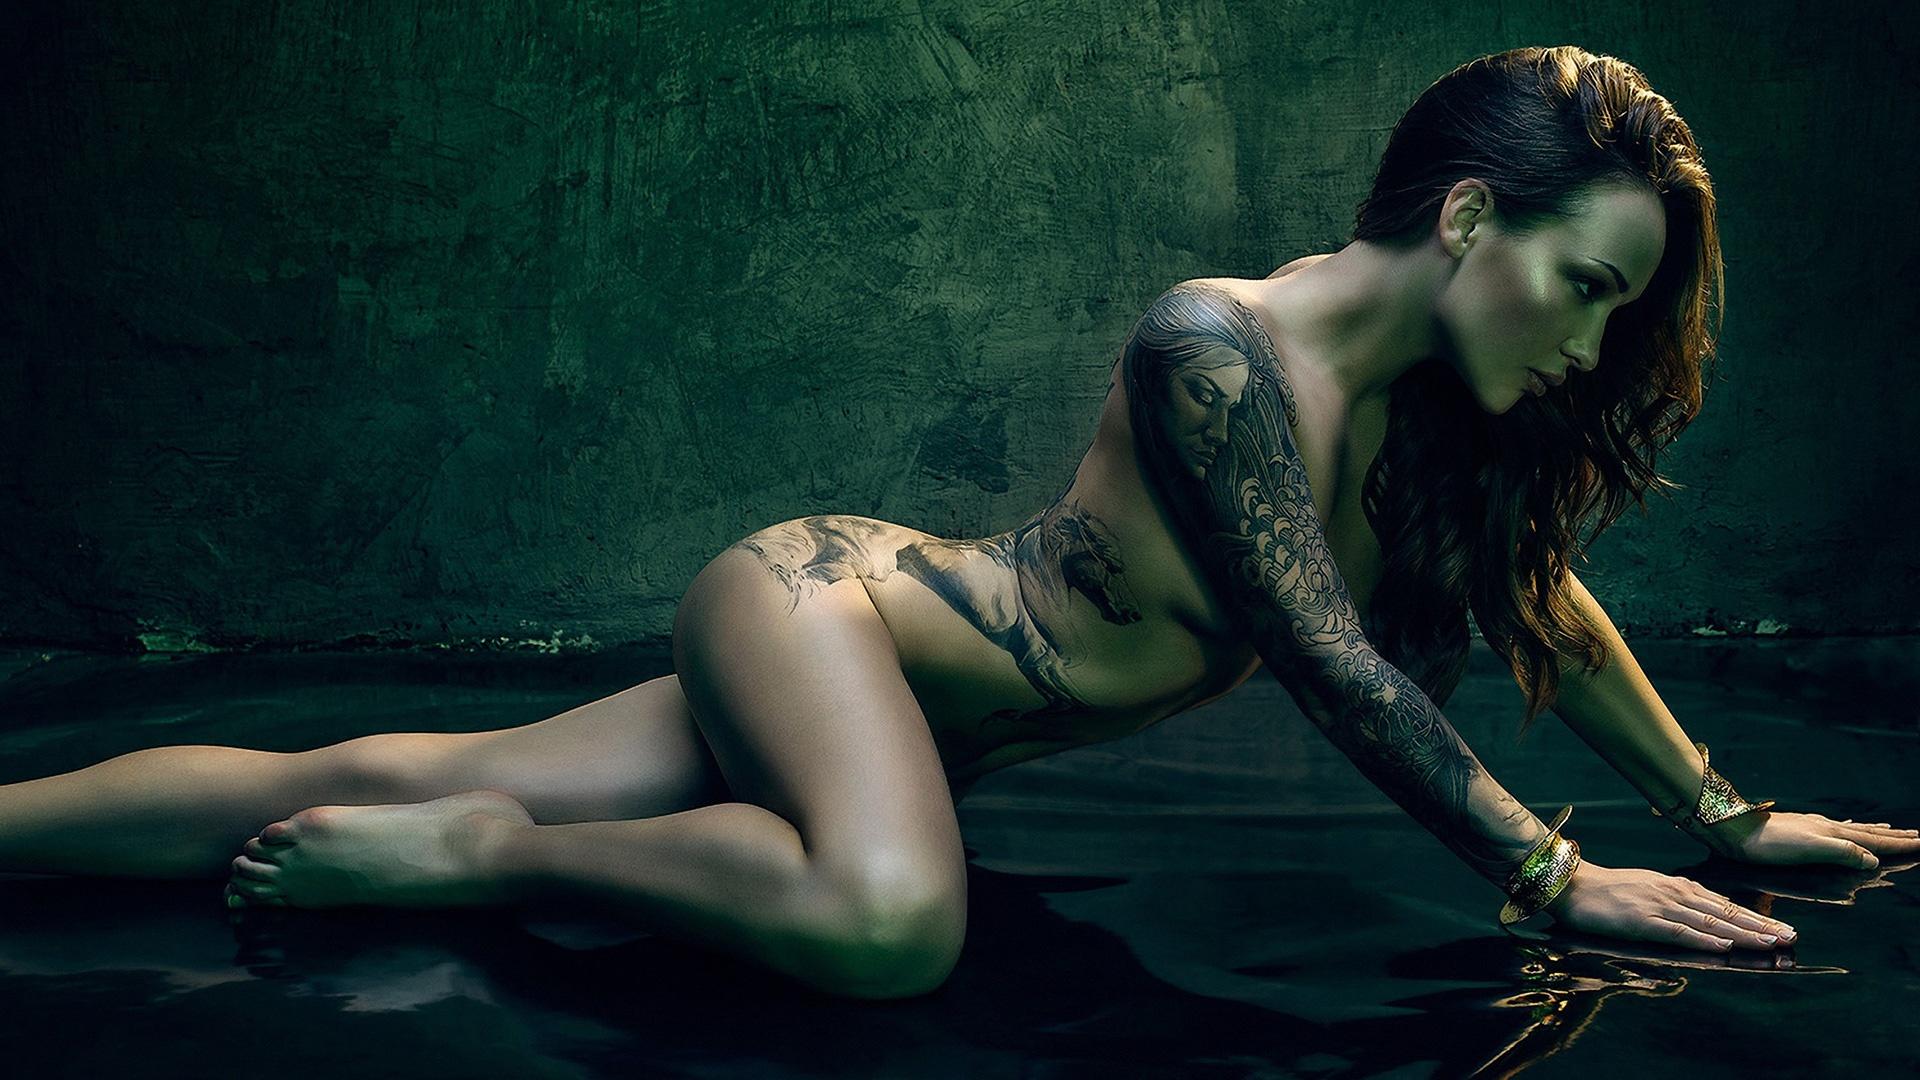 Bikini Exotic Nude Wallpaper HD